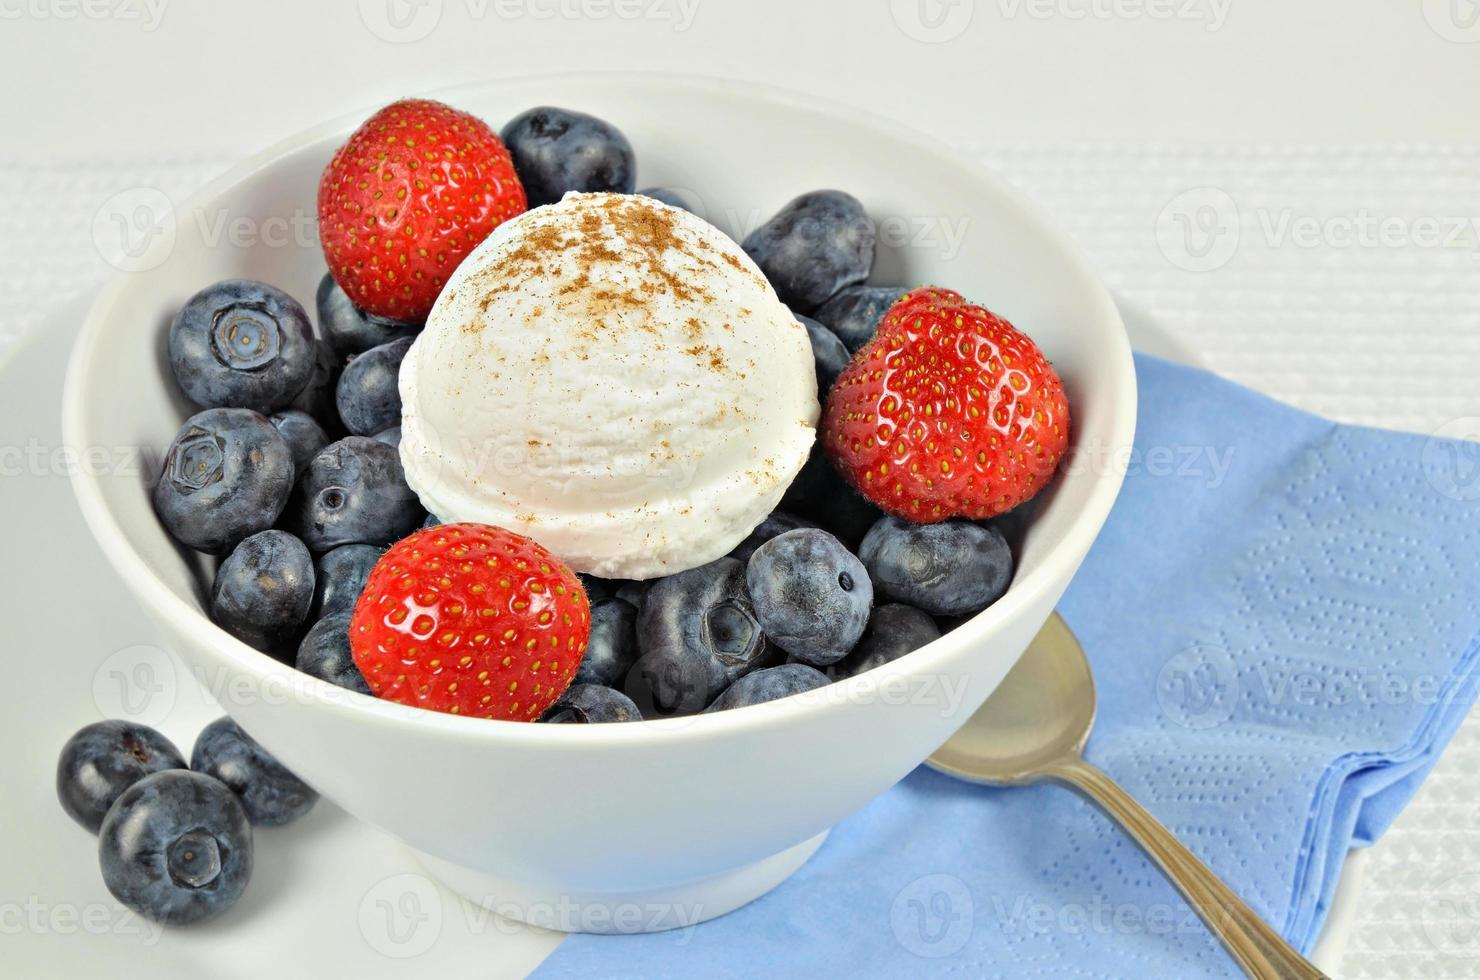 helado de vainilla con fresas y arándanos foto